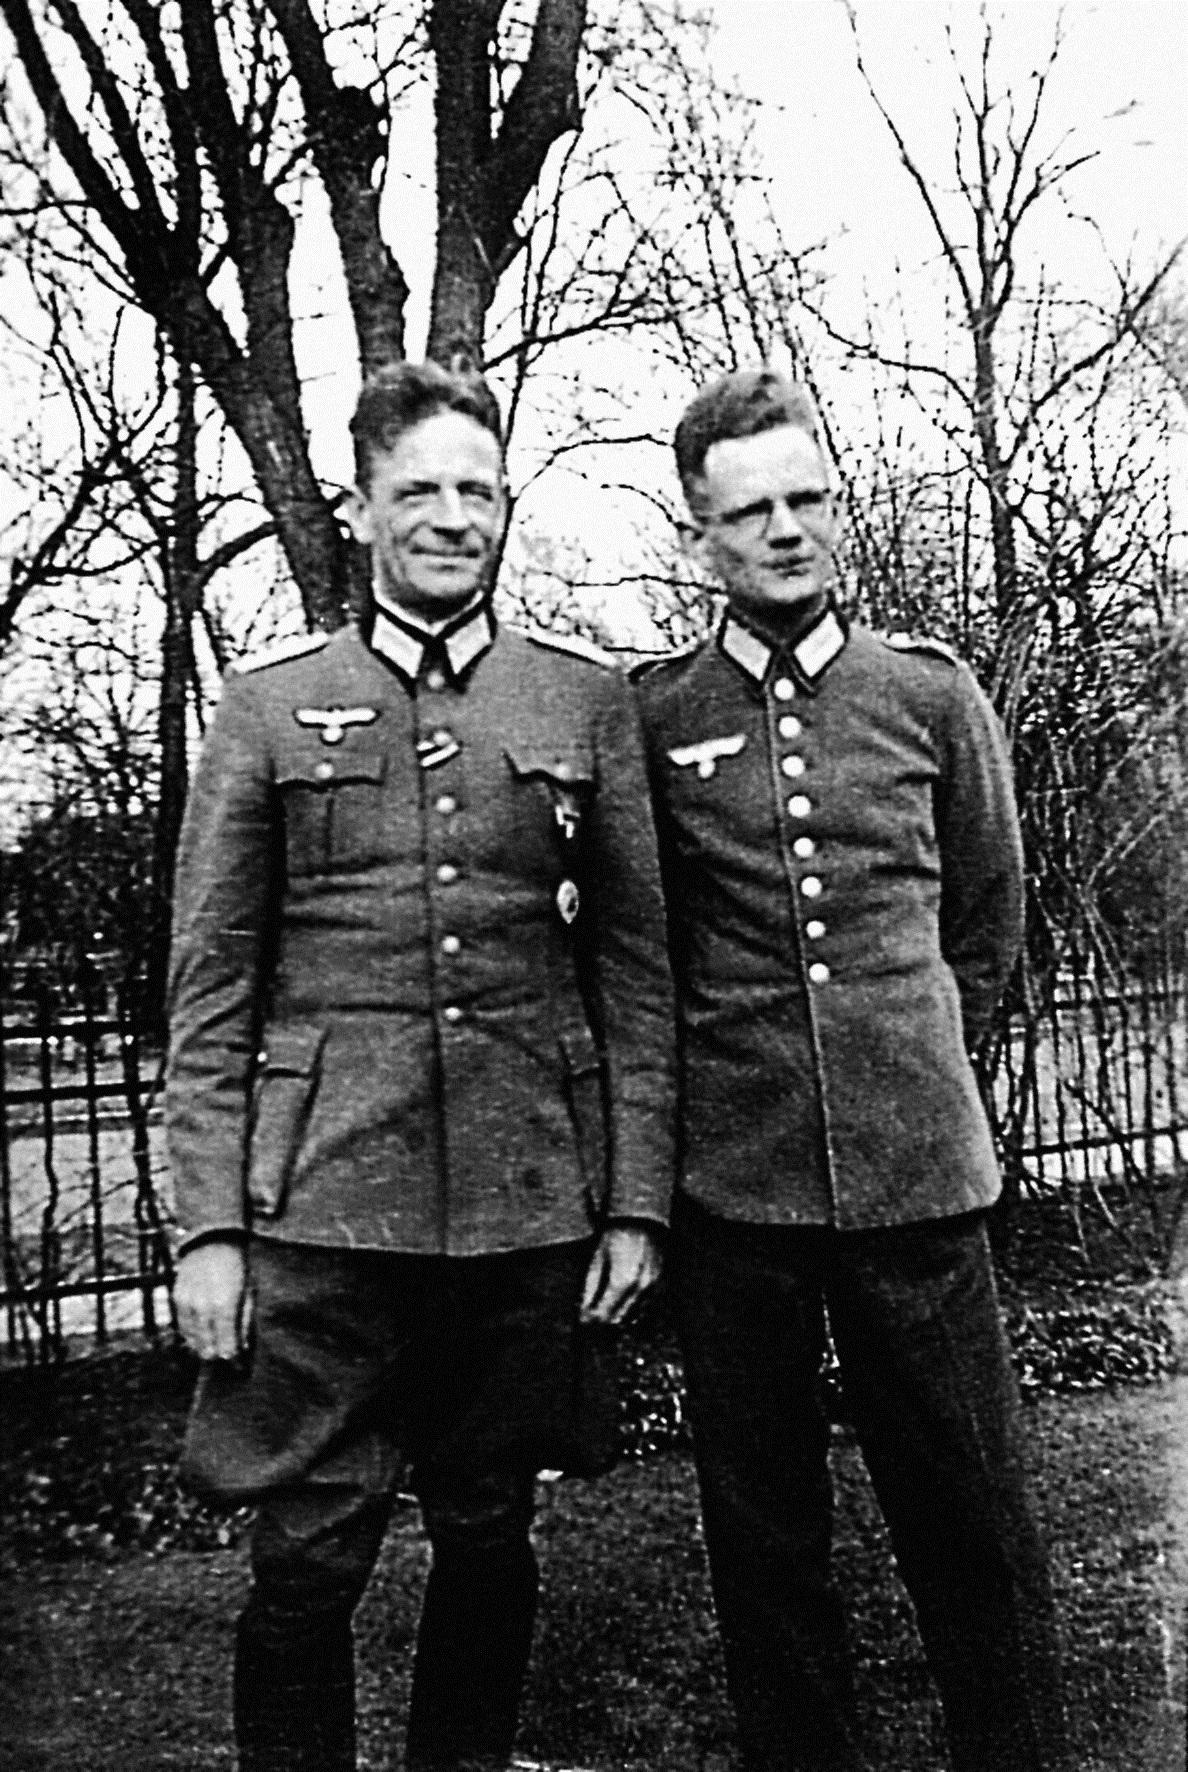 Generolo uniformą vilkintis pplk. A. Kšyžanovskis (slap. Wilk) priima Naugarduko apygardos 5-ojo bataliono partizano R. Kiersnovskio (slap. Puhacz) raportą. 1944 m. liepos 1 d. | Autoriaus asmeninio archyvo nuotr.